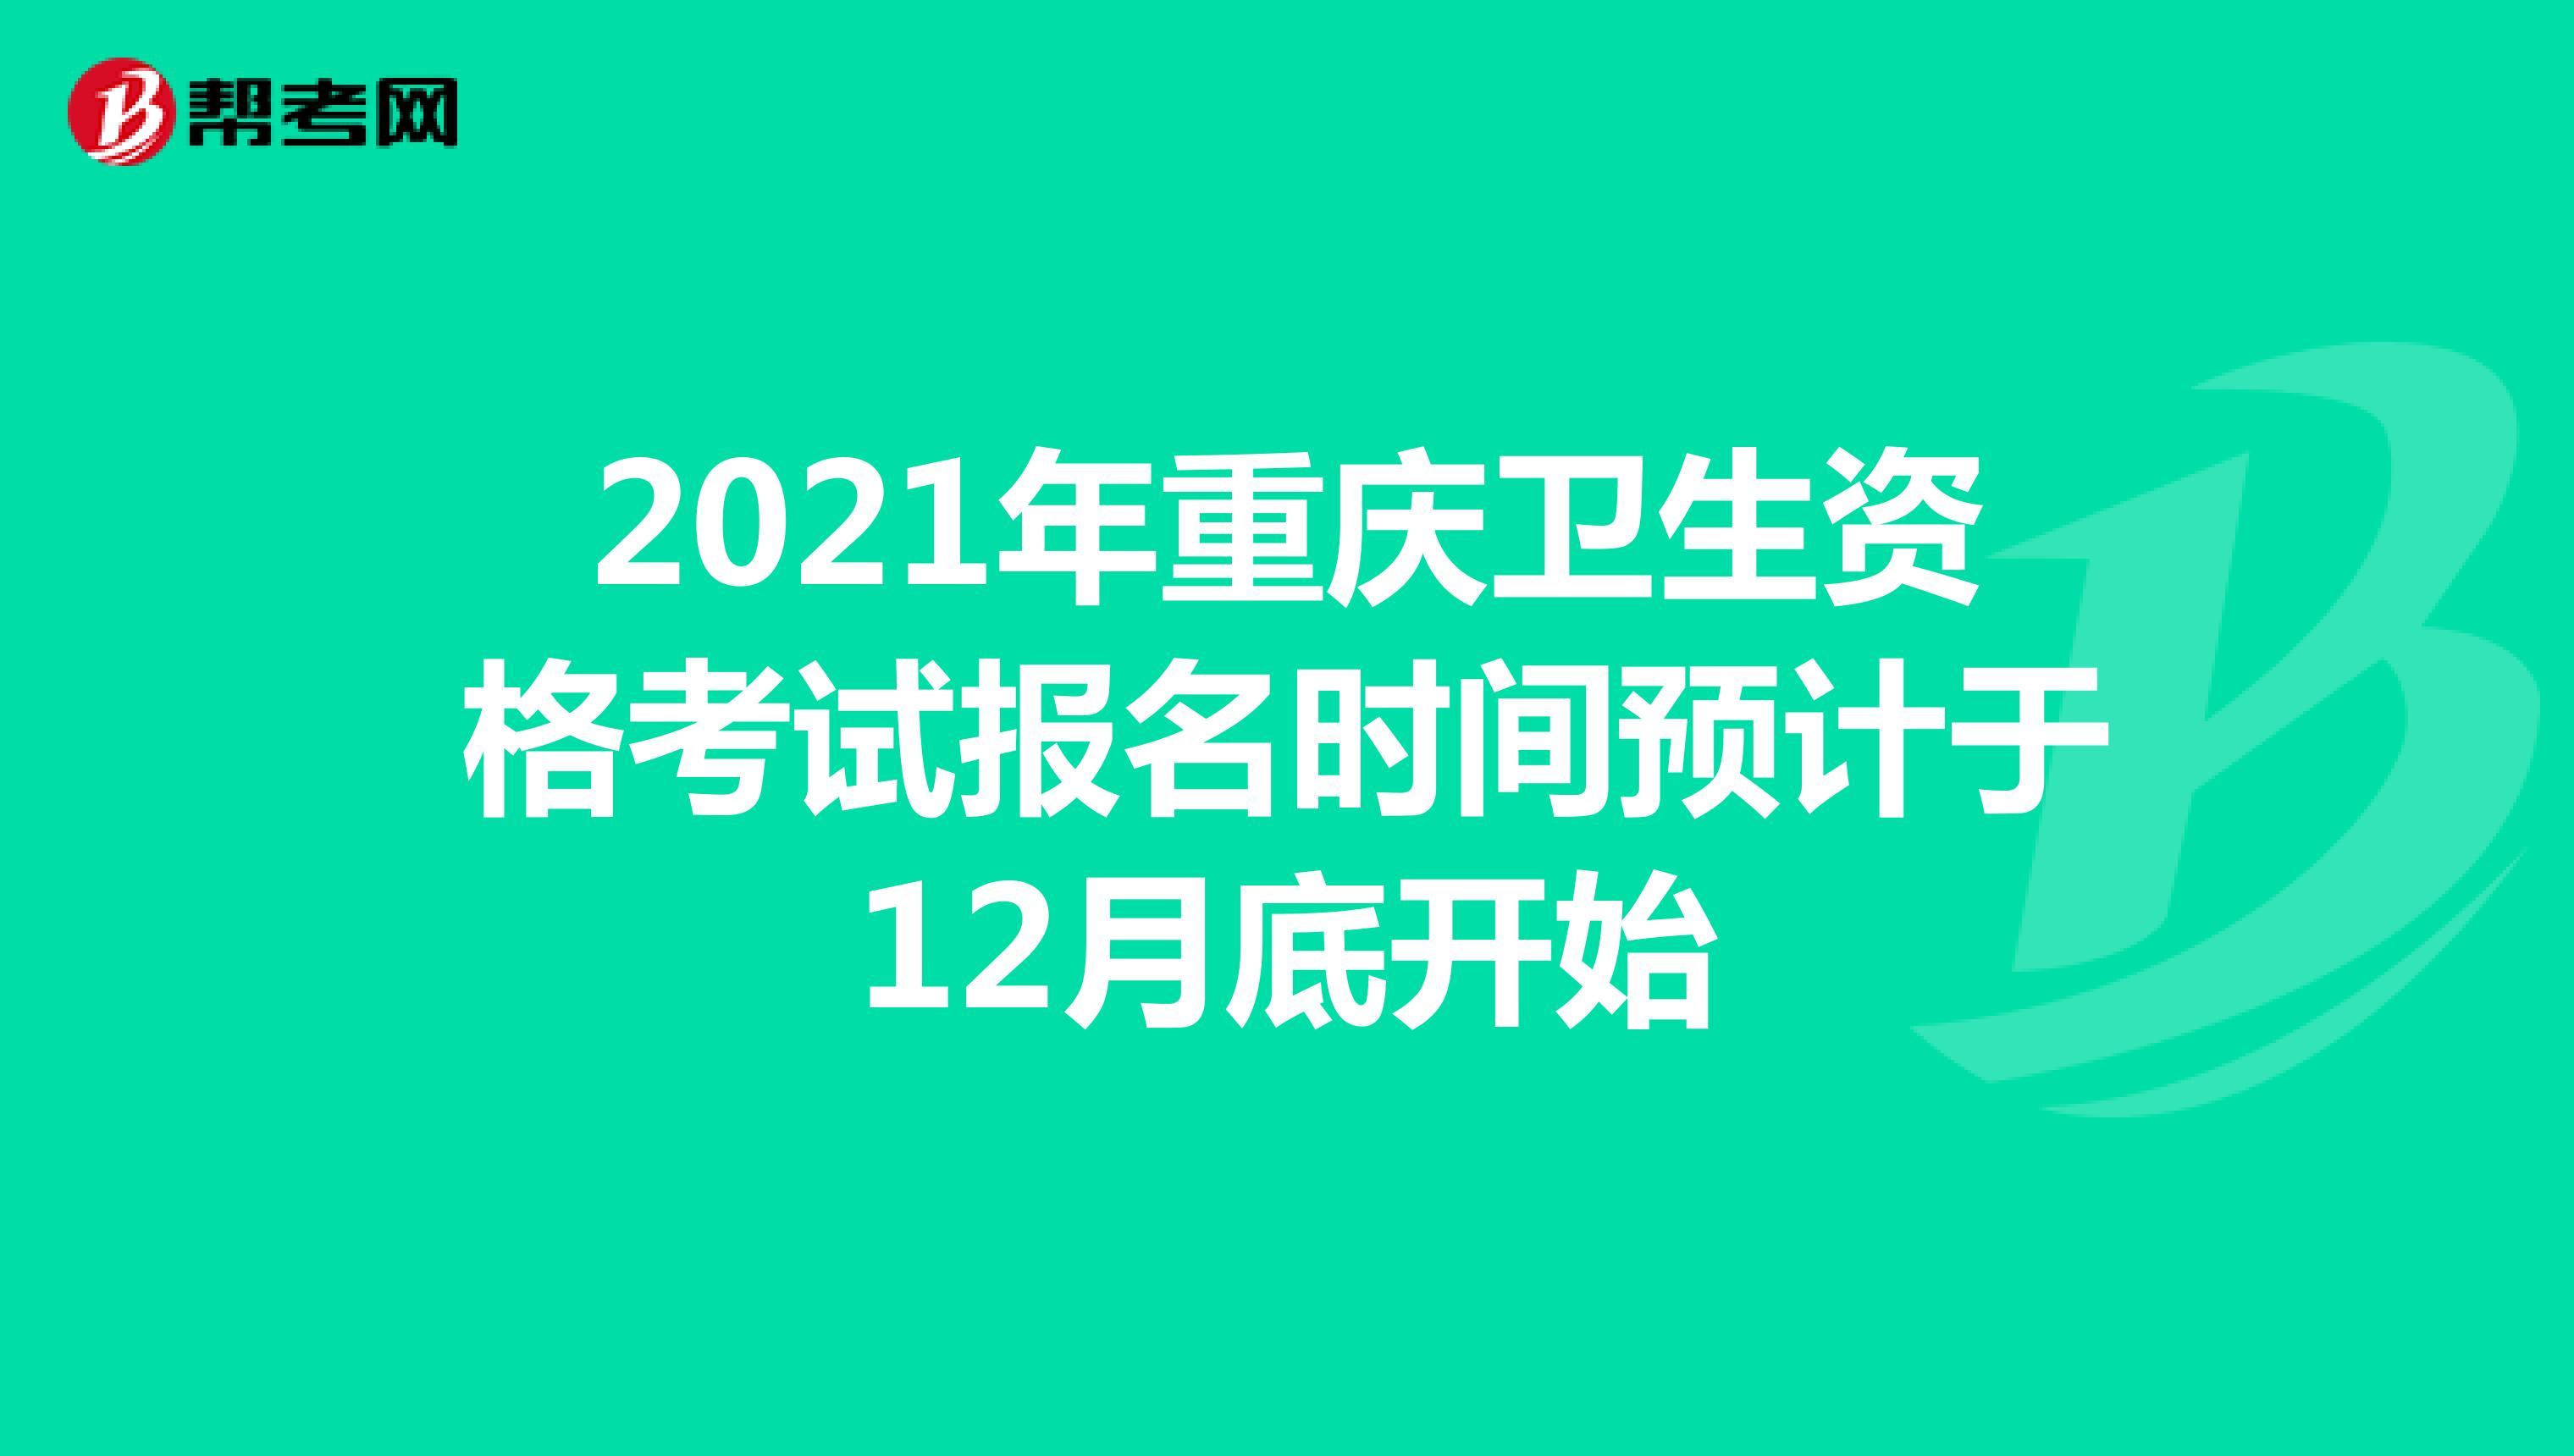 2021年重庆卫生资格考试报名时间预计于12月底开始